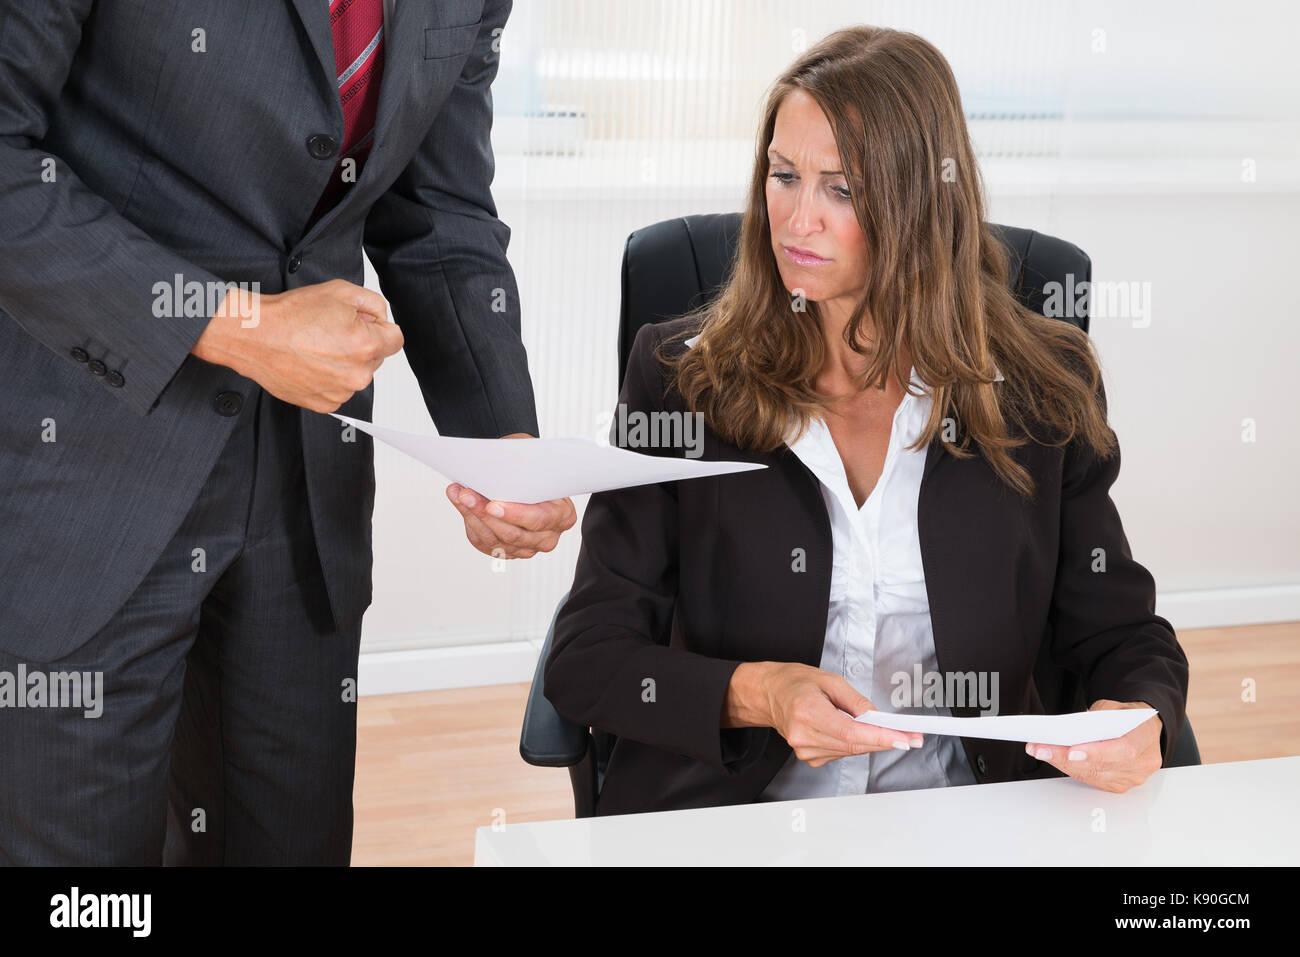 Close-up di imprenditore che mostra documento al dipendente di sesso femminile in office Immagini Stock